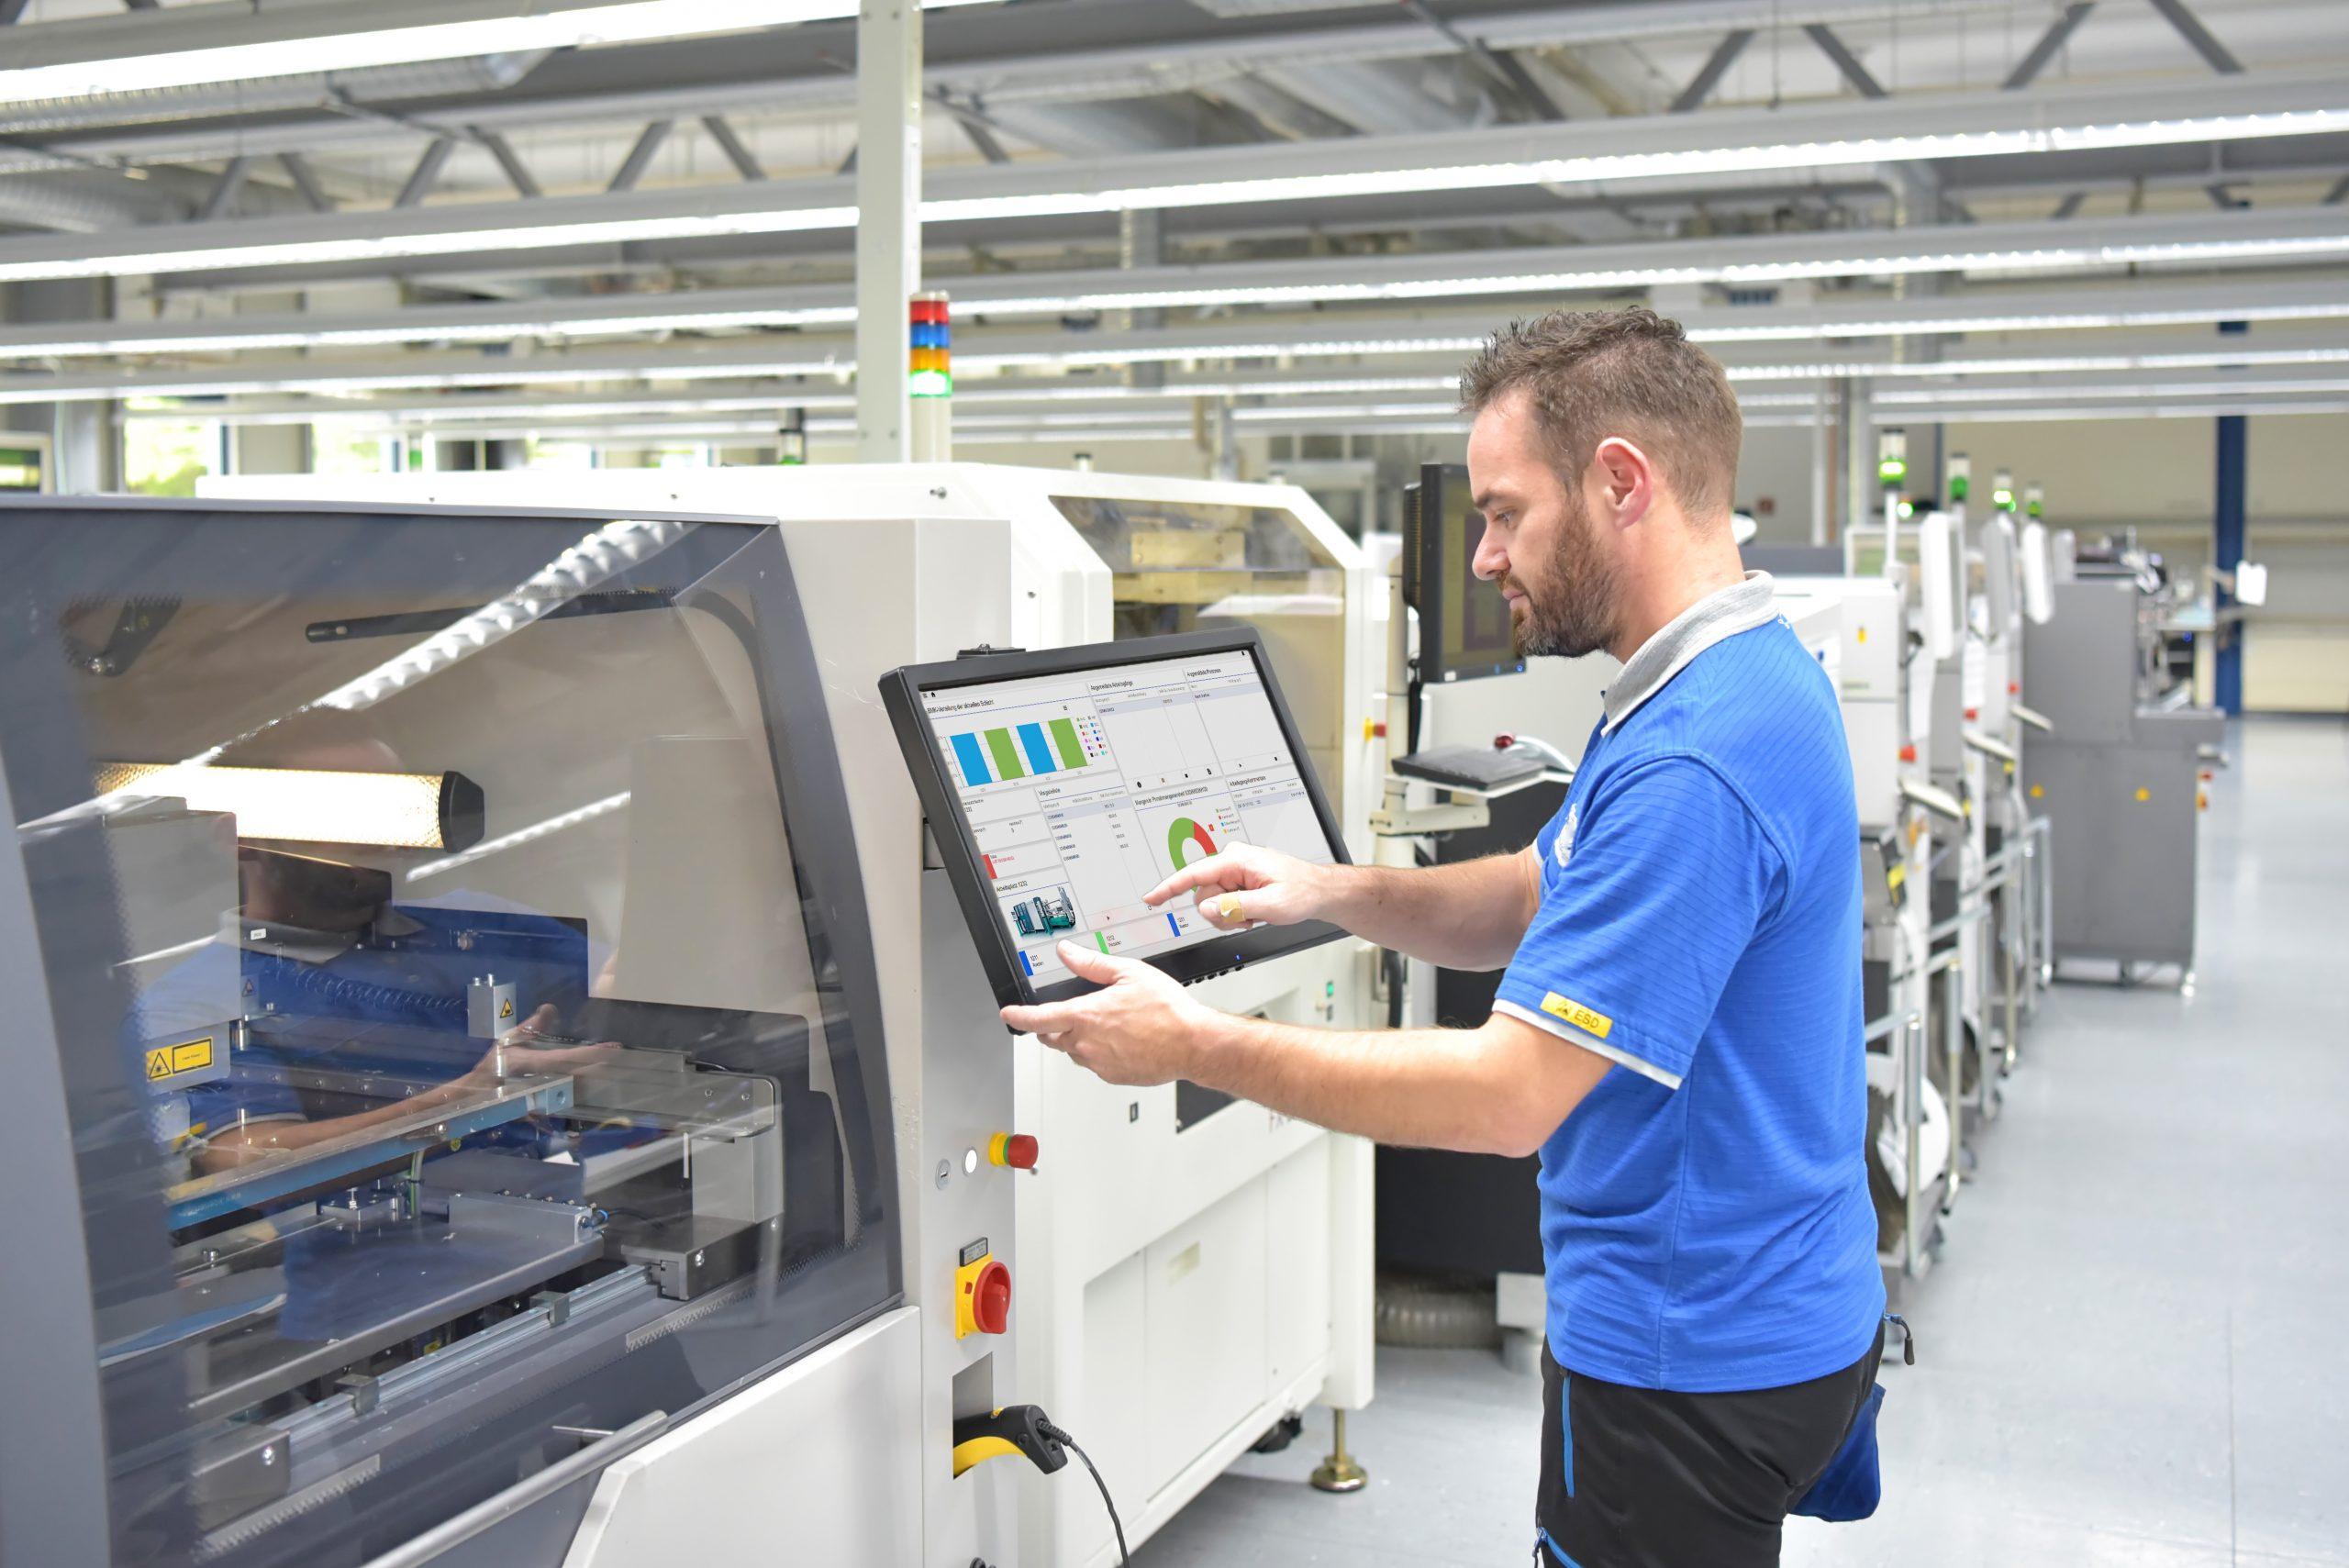 Hydra X im Shopfloor: Ergonomische Gestaltung der Anwendungen sollen für die Akzeptanz der Lösung sorgen. (Bild: ©industrieblick/stock.adobe.com / MPDV Mikrolab GmbH)